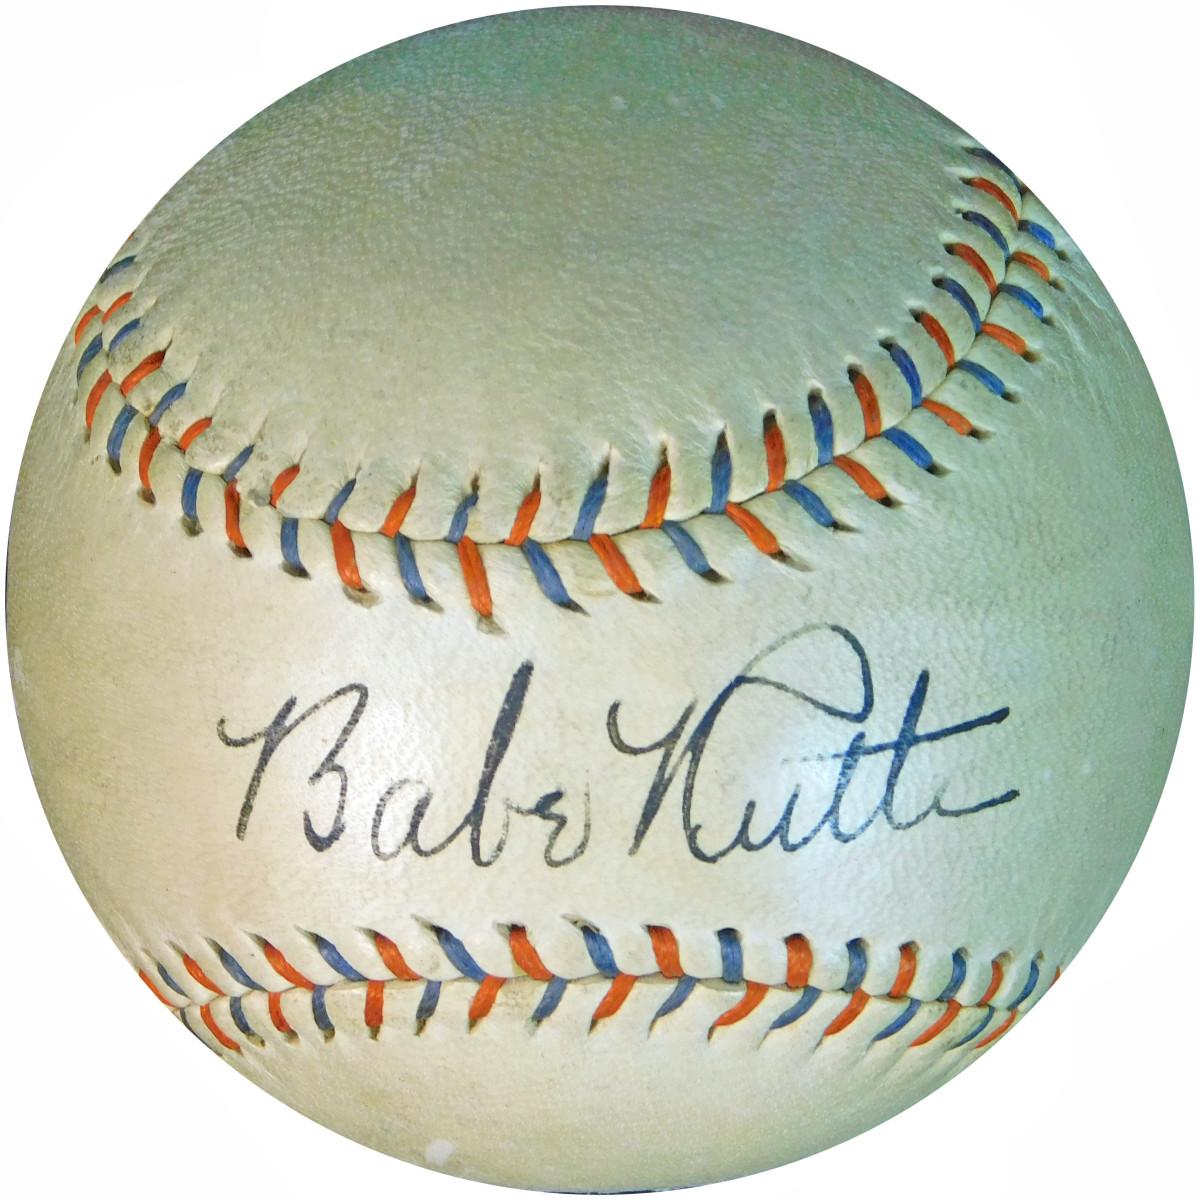 1 ruth ball